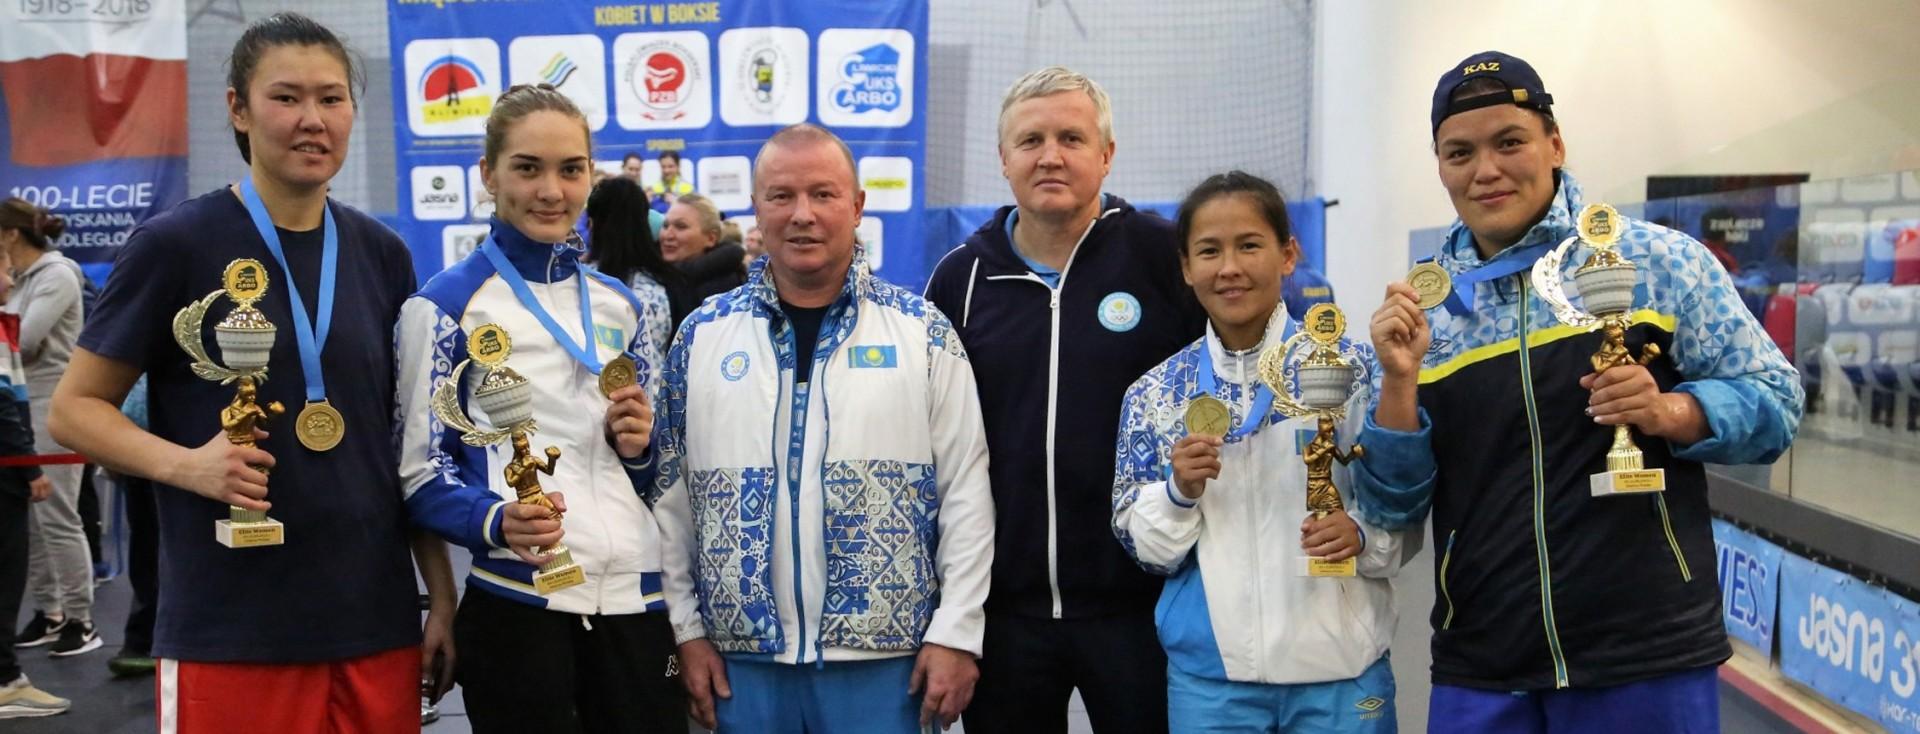 Казахстанские спортсменки забрали четыре золота на международном турнире в Польше , Спорт, Бокс